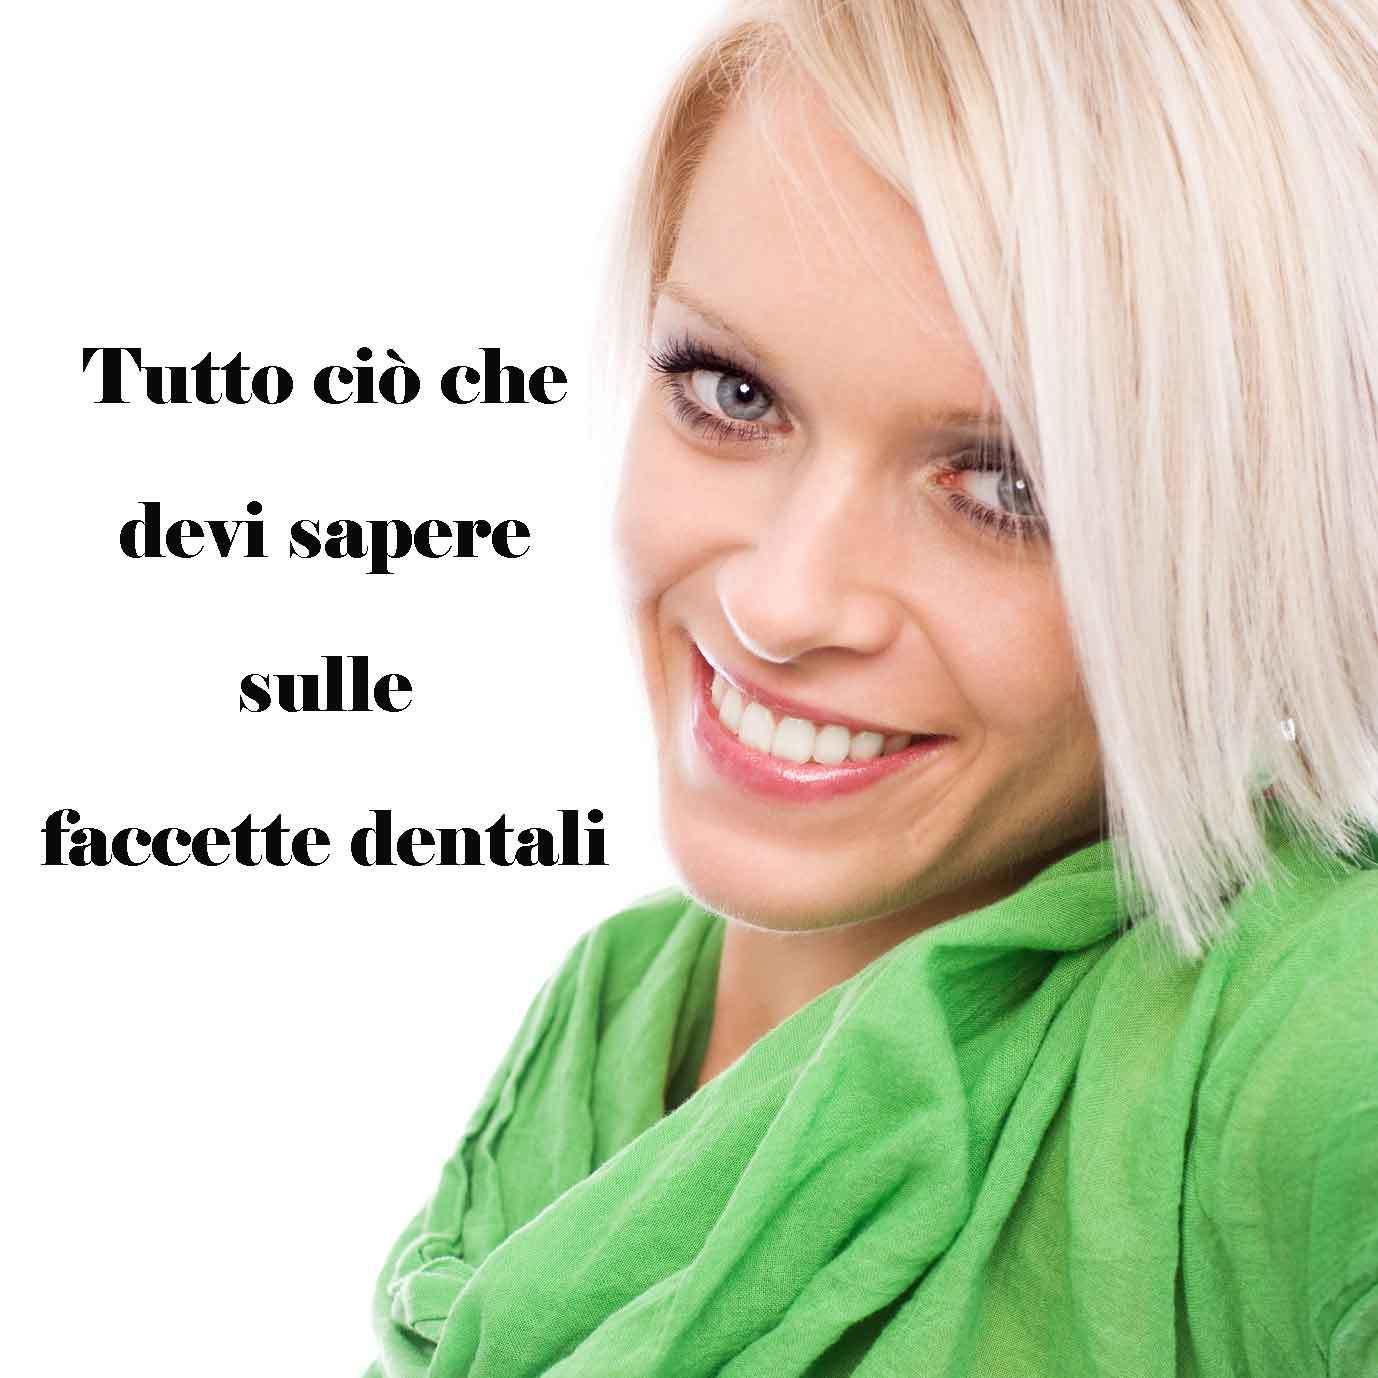 costo faccette dentali